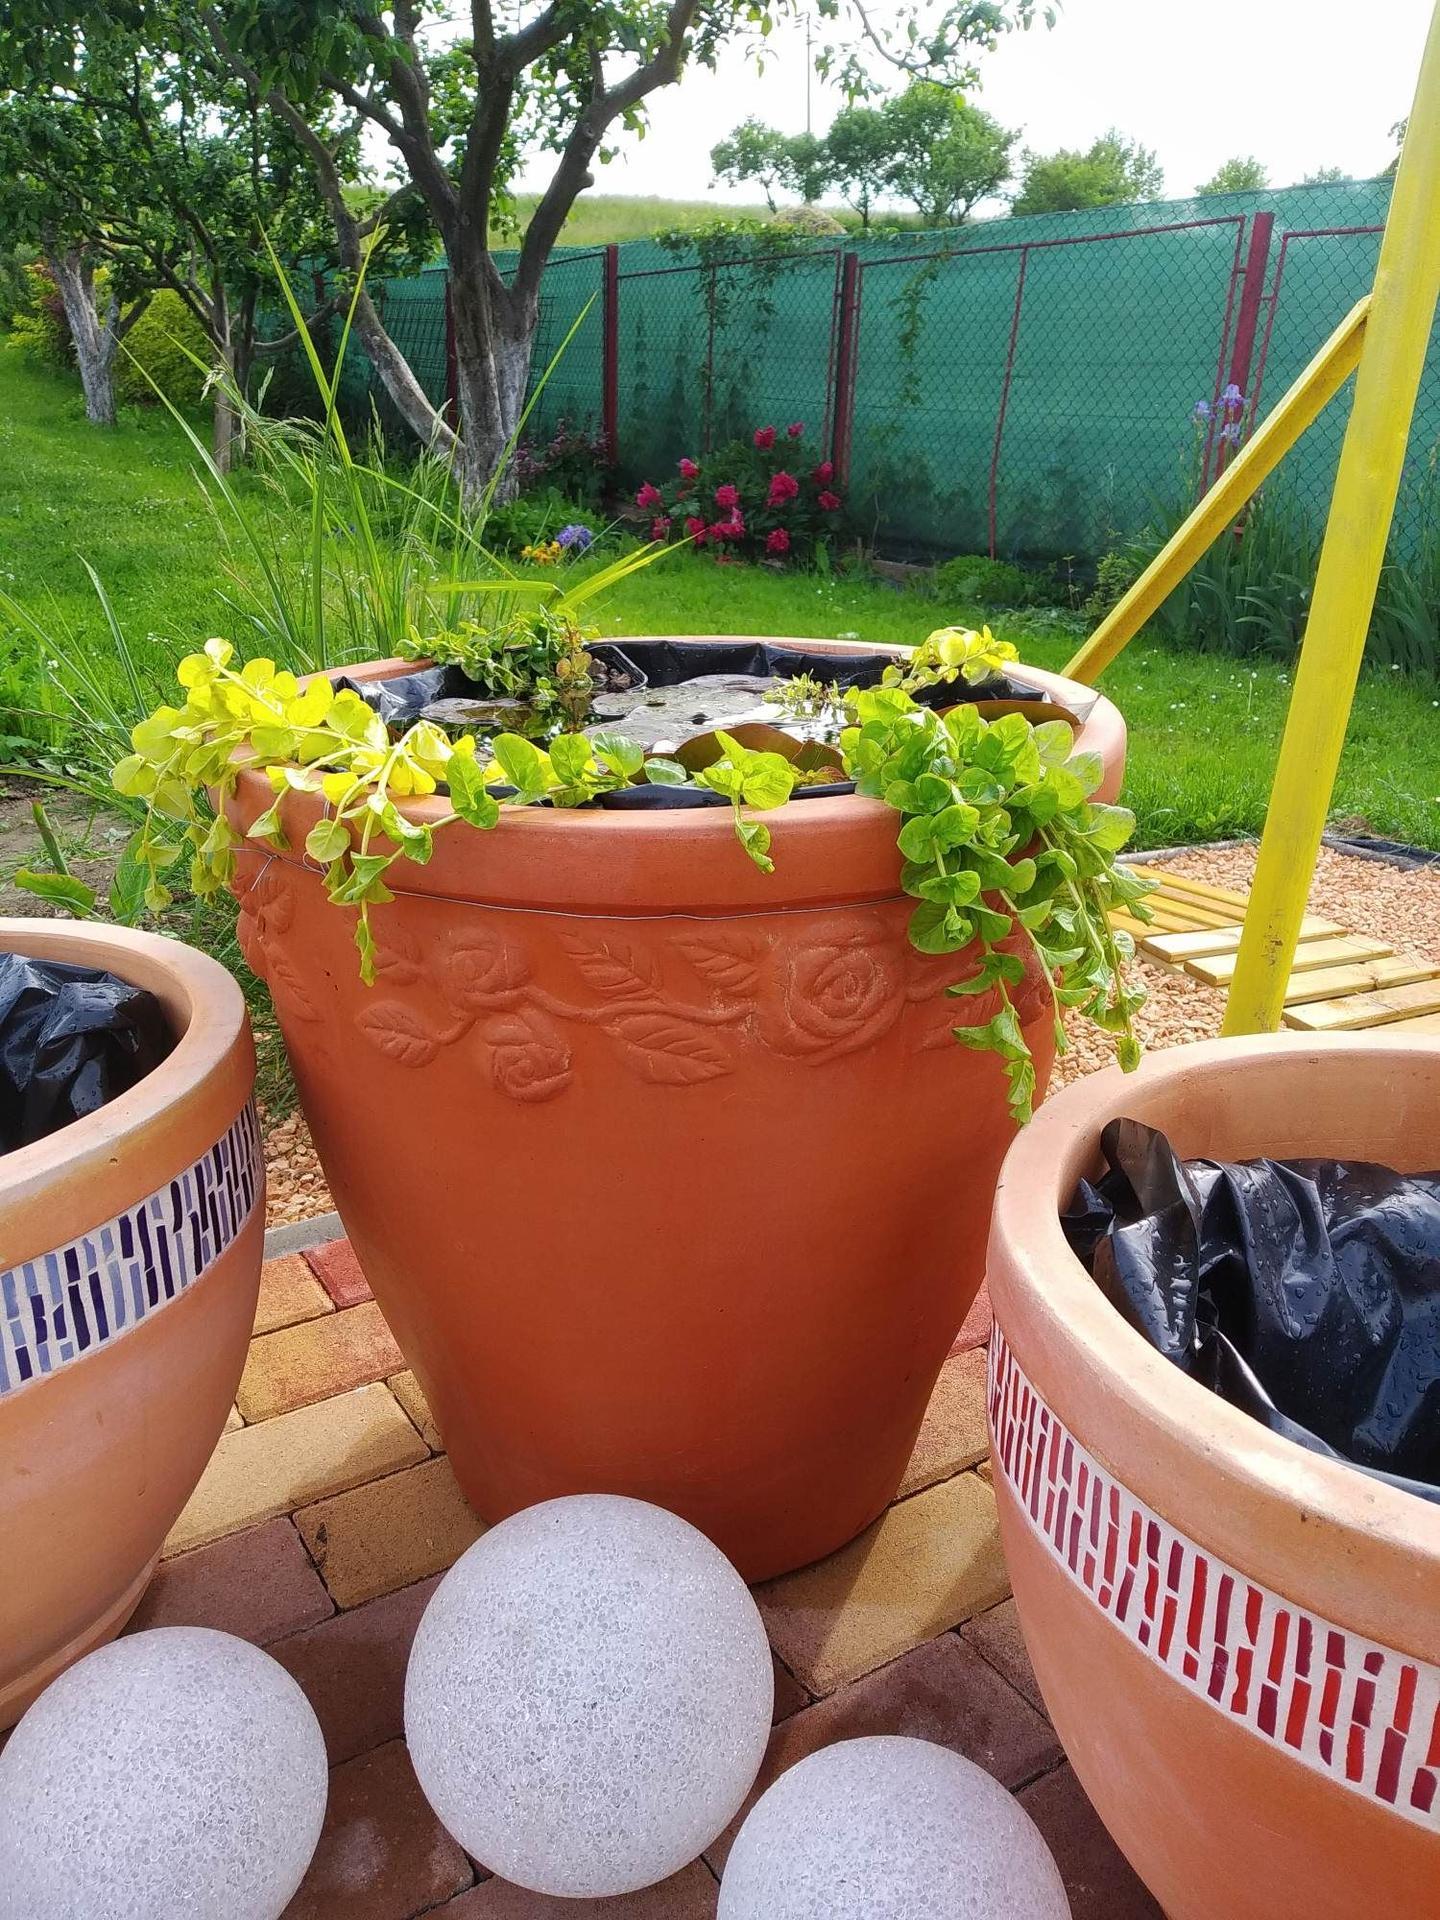 pestovanie lekna v nádobe - Obrázok č. 3